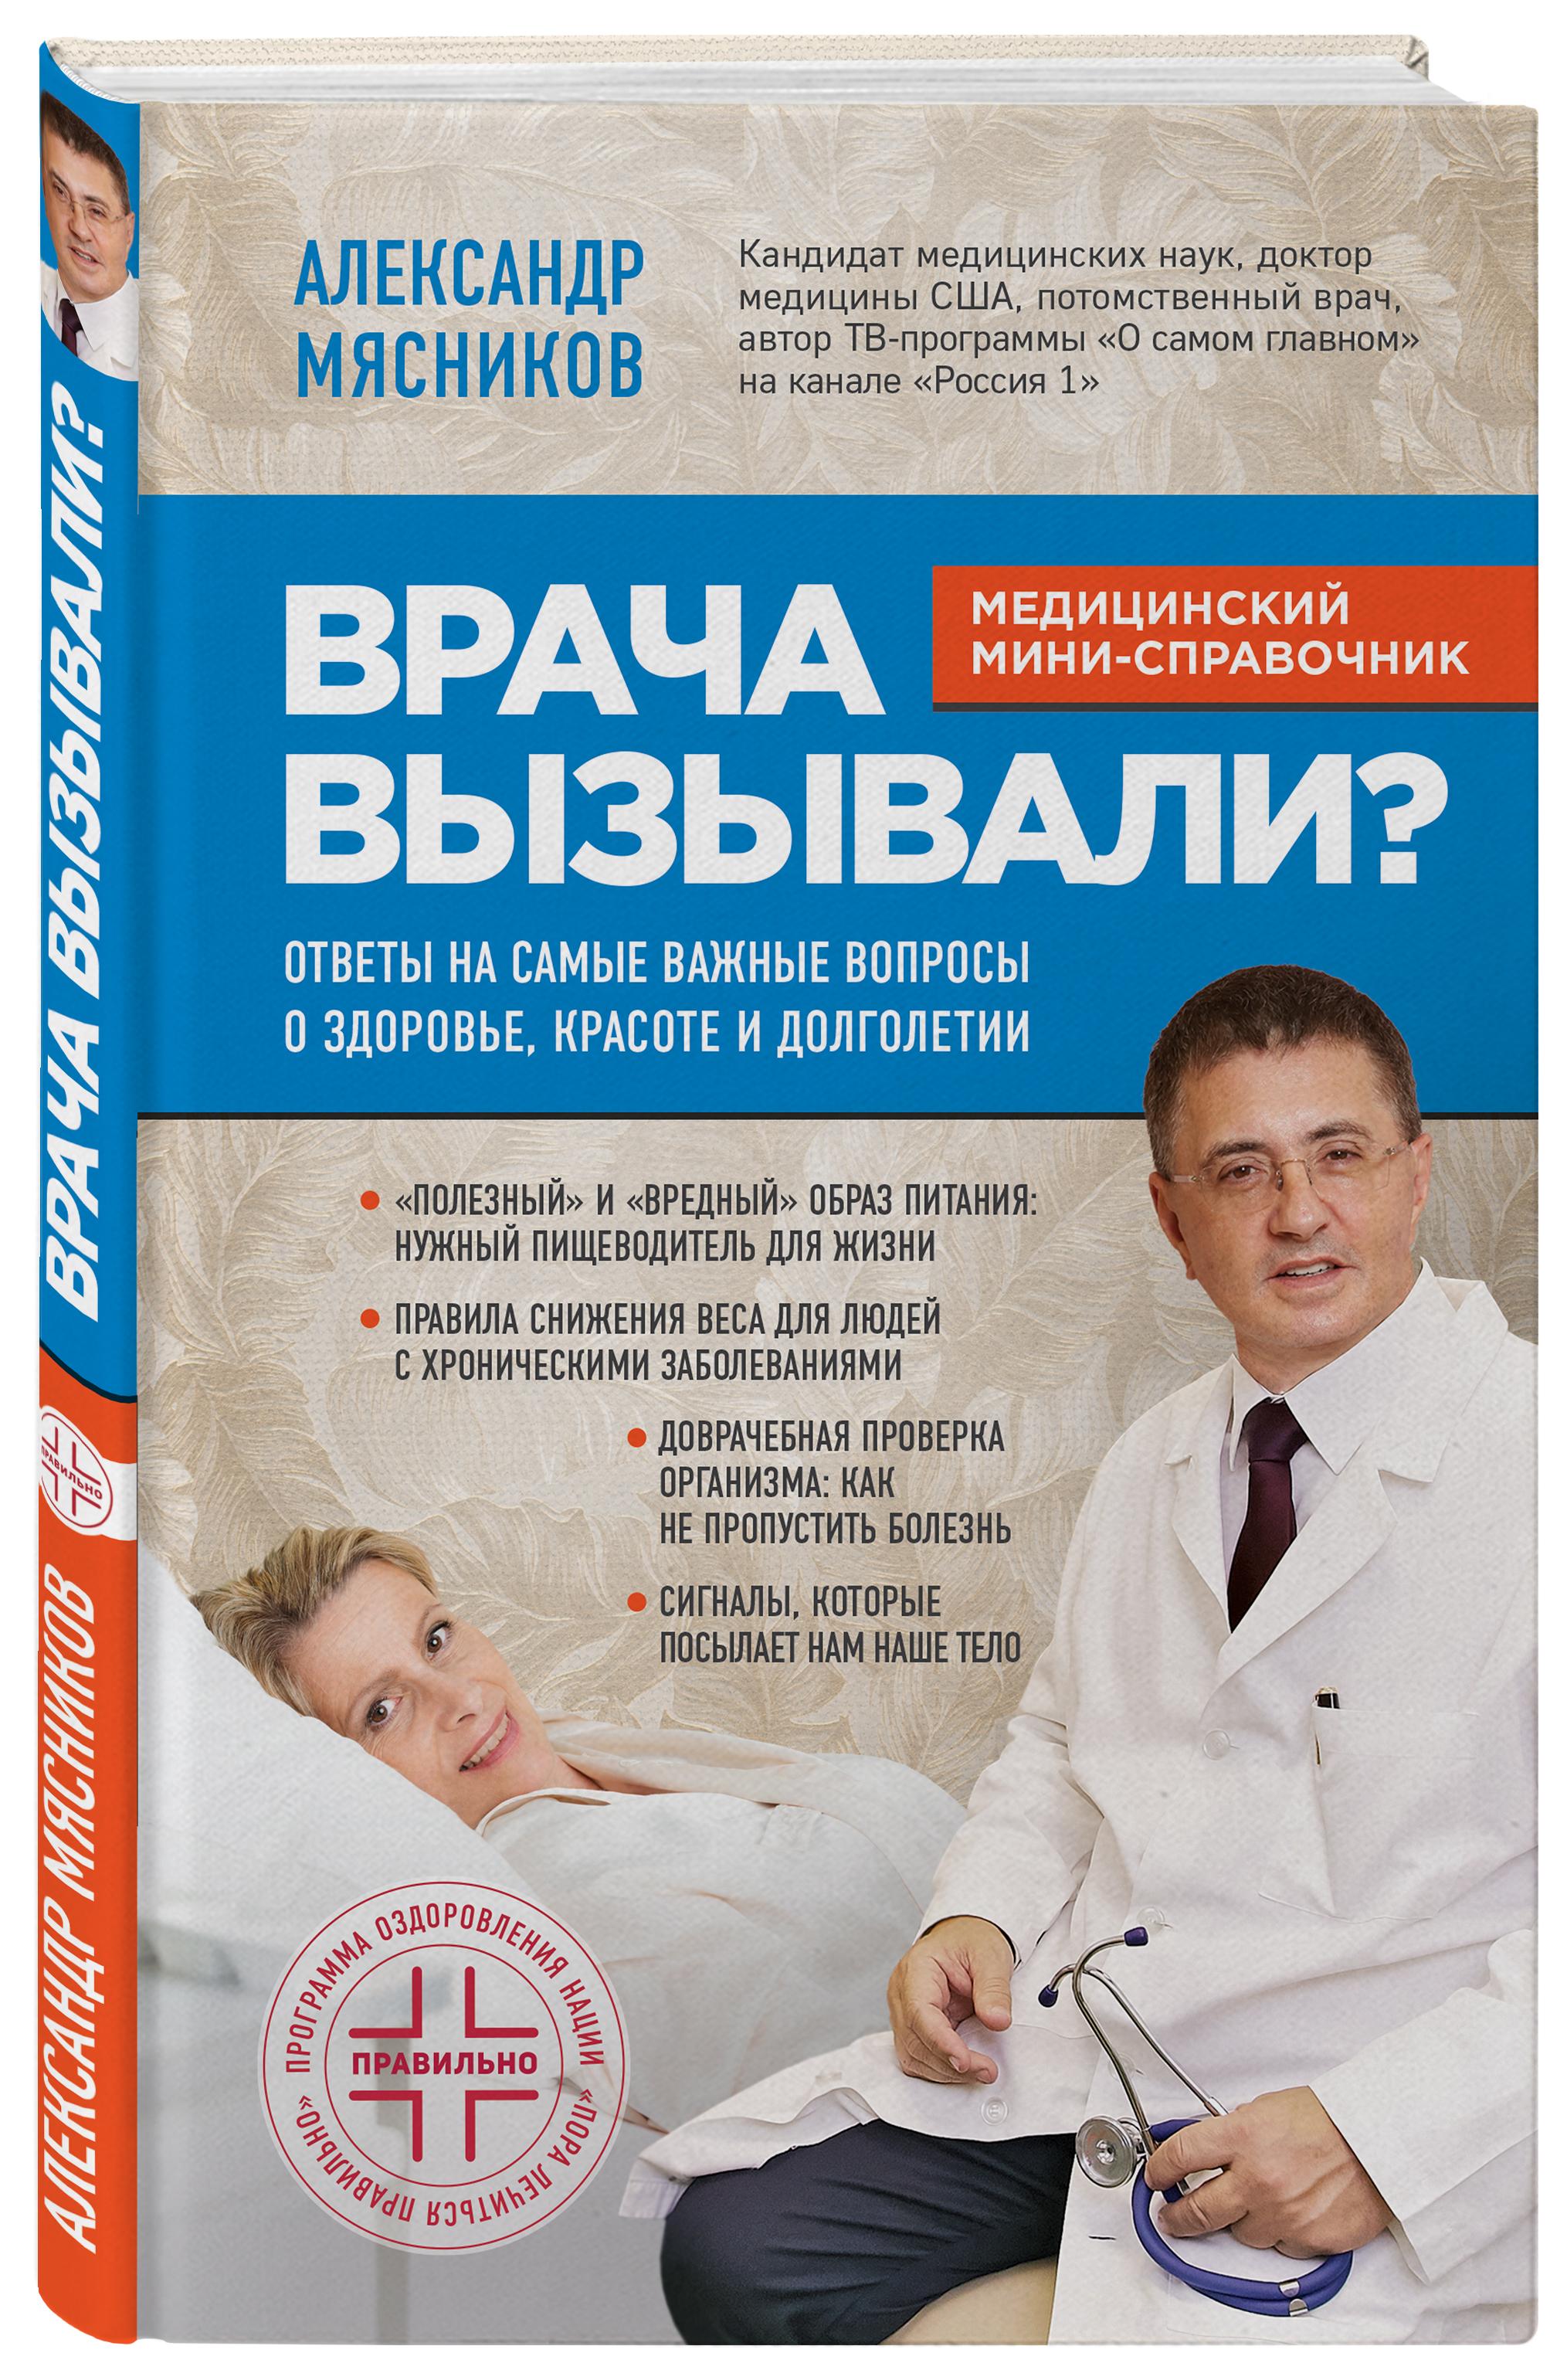 Александр Мясников Врача вызывали? Ответы на самые важные вопросы о здоровье, красоте и долголетии